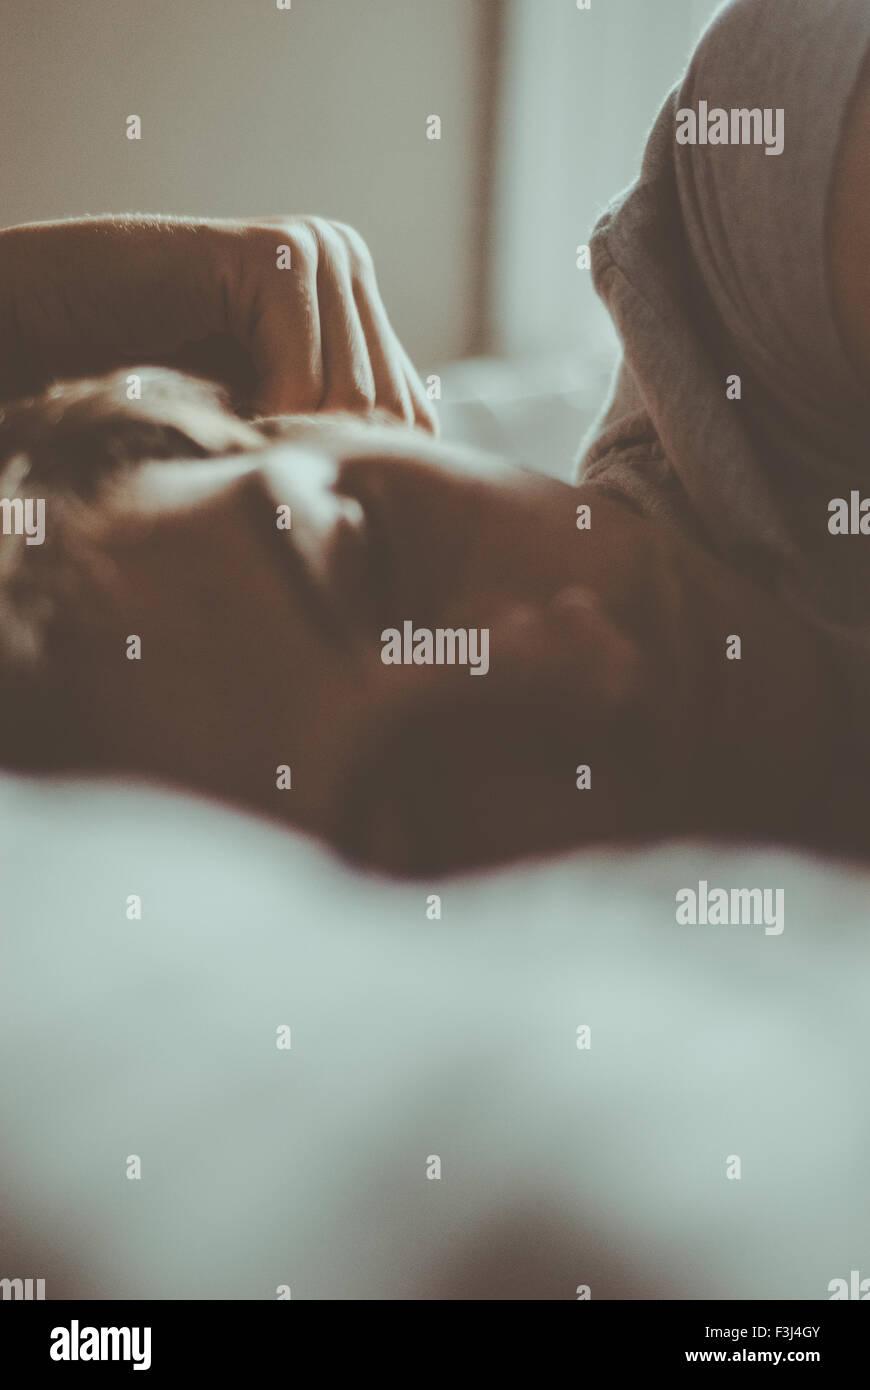 Apuesto joven durmiendo Imagen De Stock